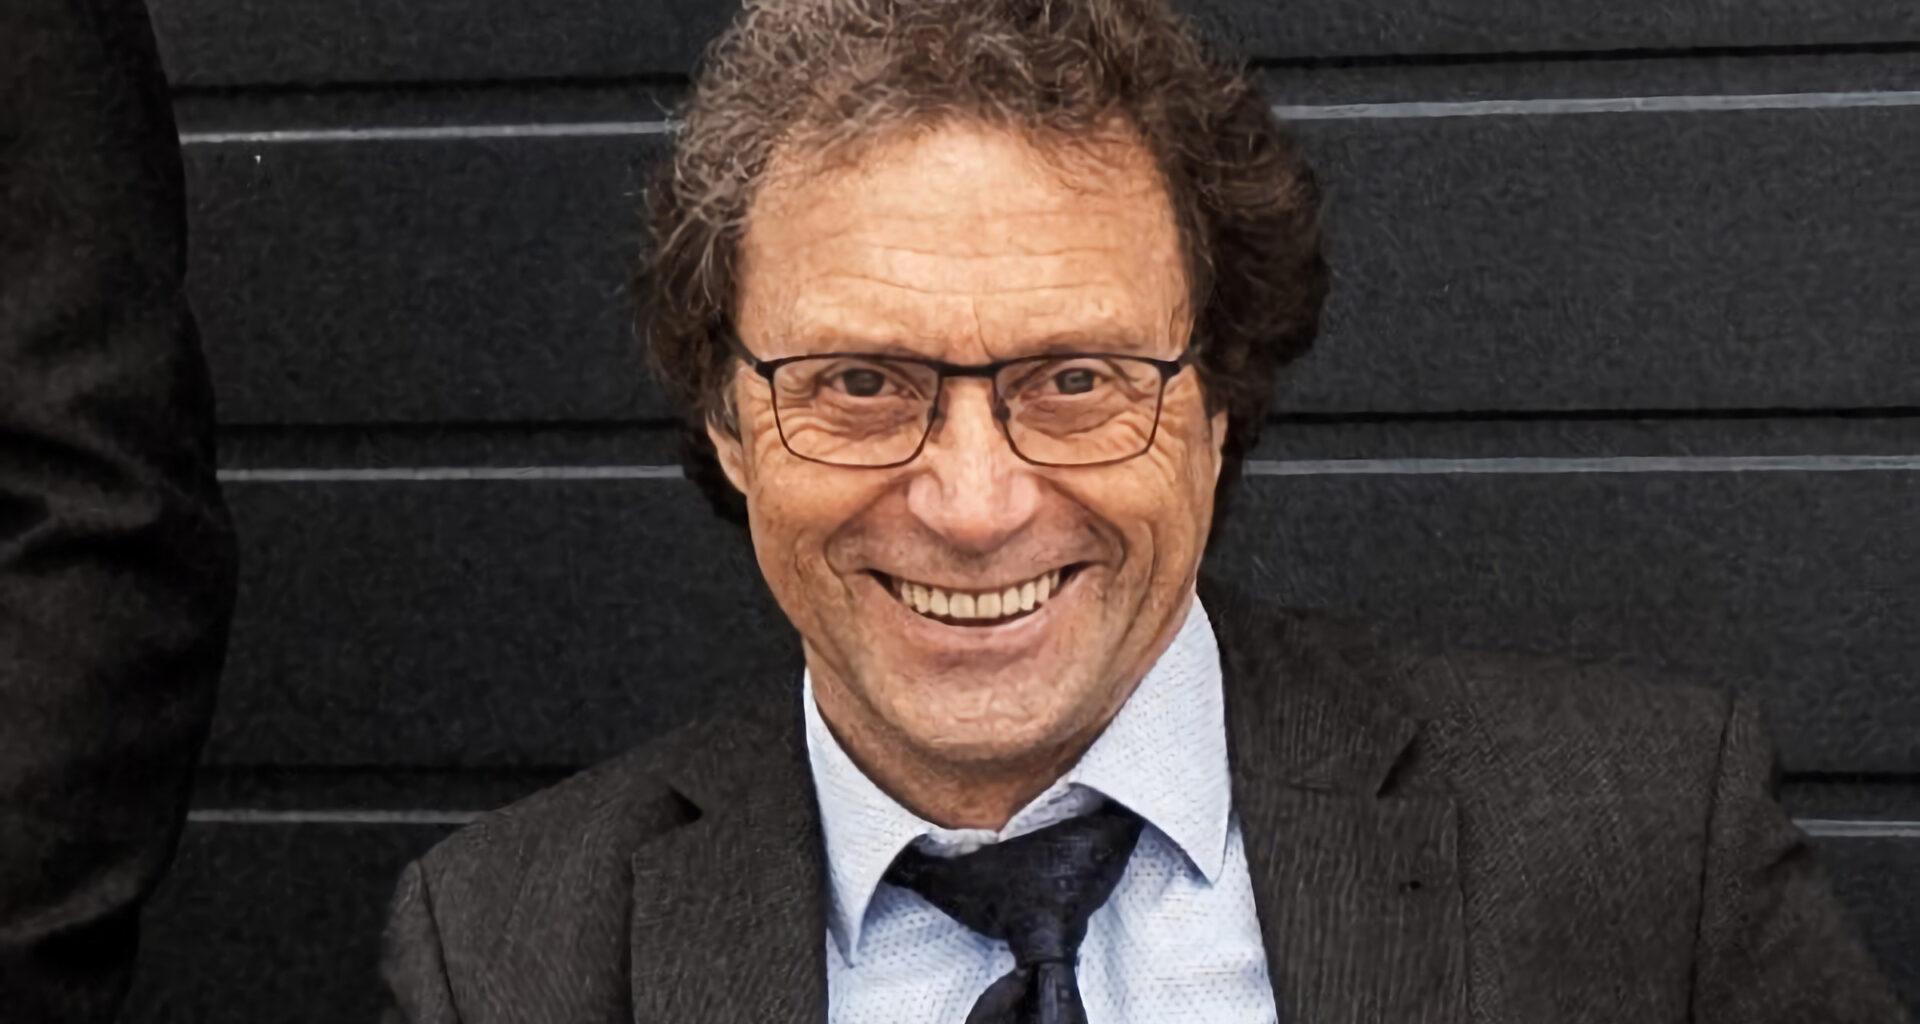 Dr. Gerhard Scheuch über COVID-19 und die Welt der Aerosole